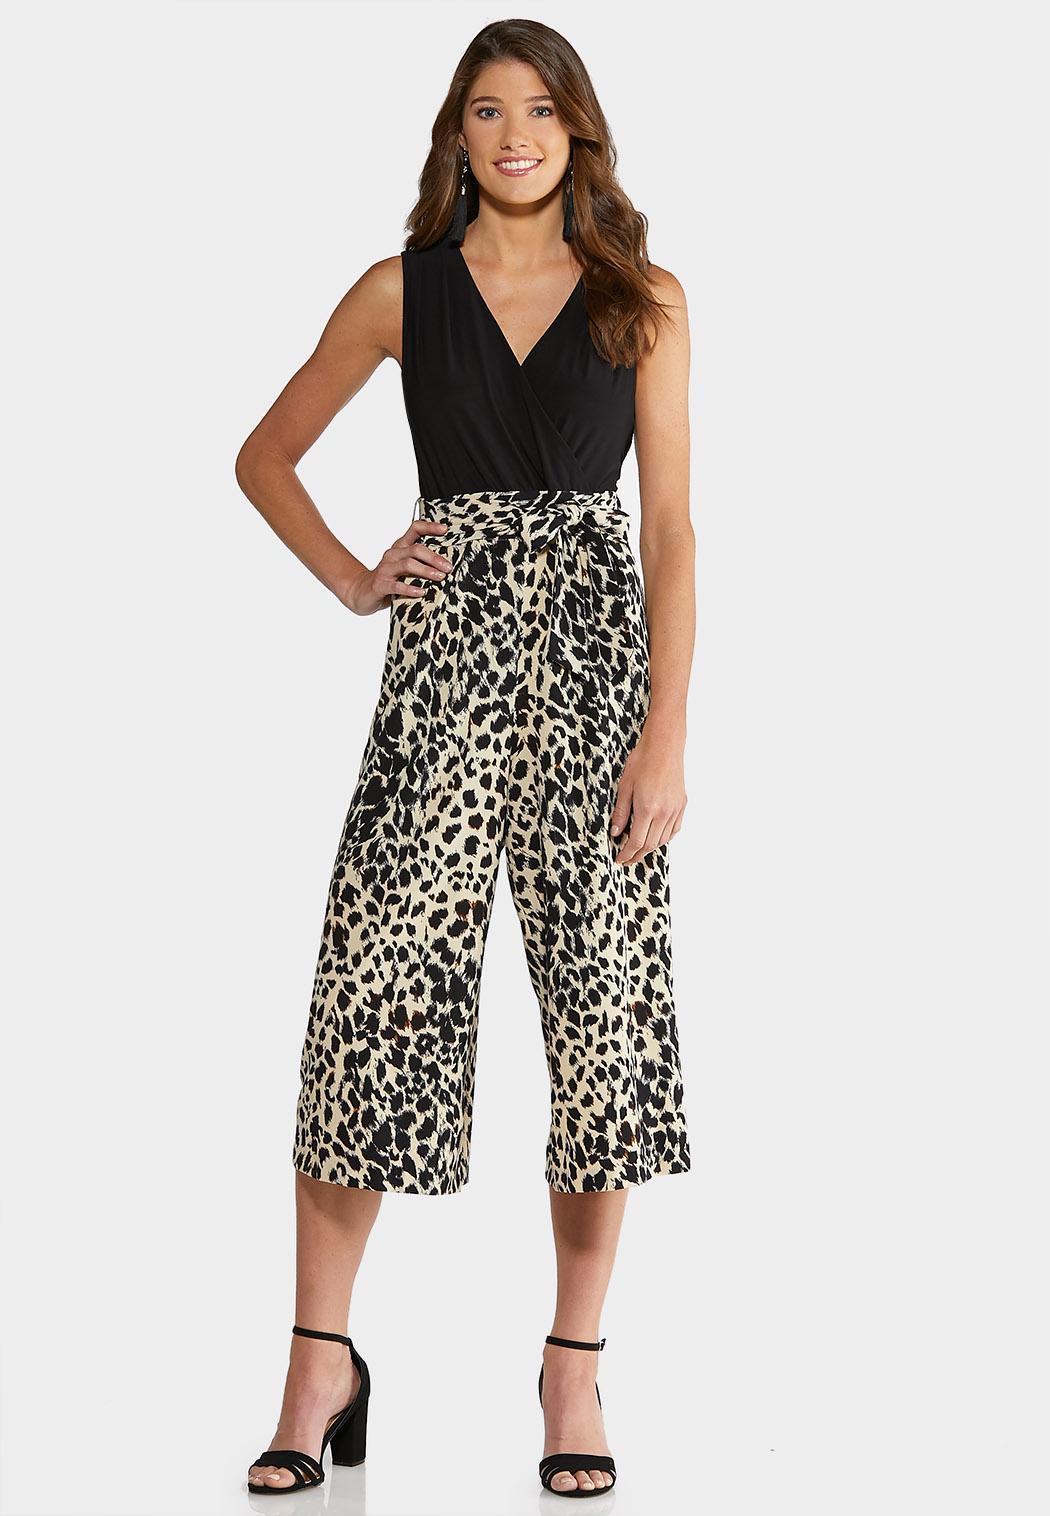 251c7ab21964 Women's Dresses sizes 2-28 - Spring Dresses, Bell Sleeve Dresses, Long  Sleeve Swing Dresses & More